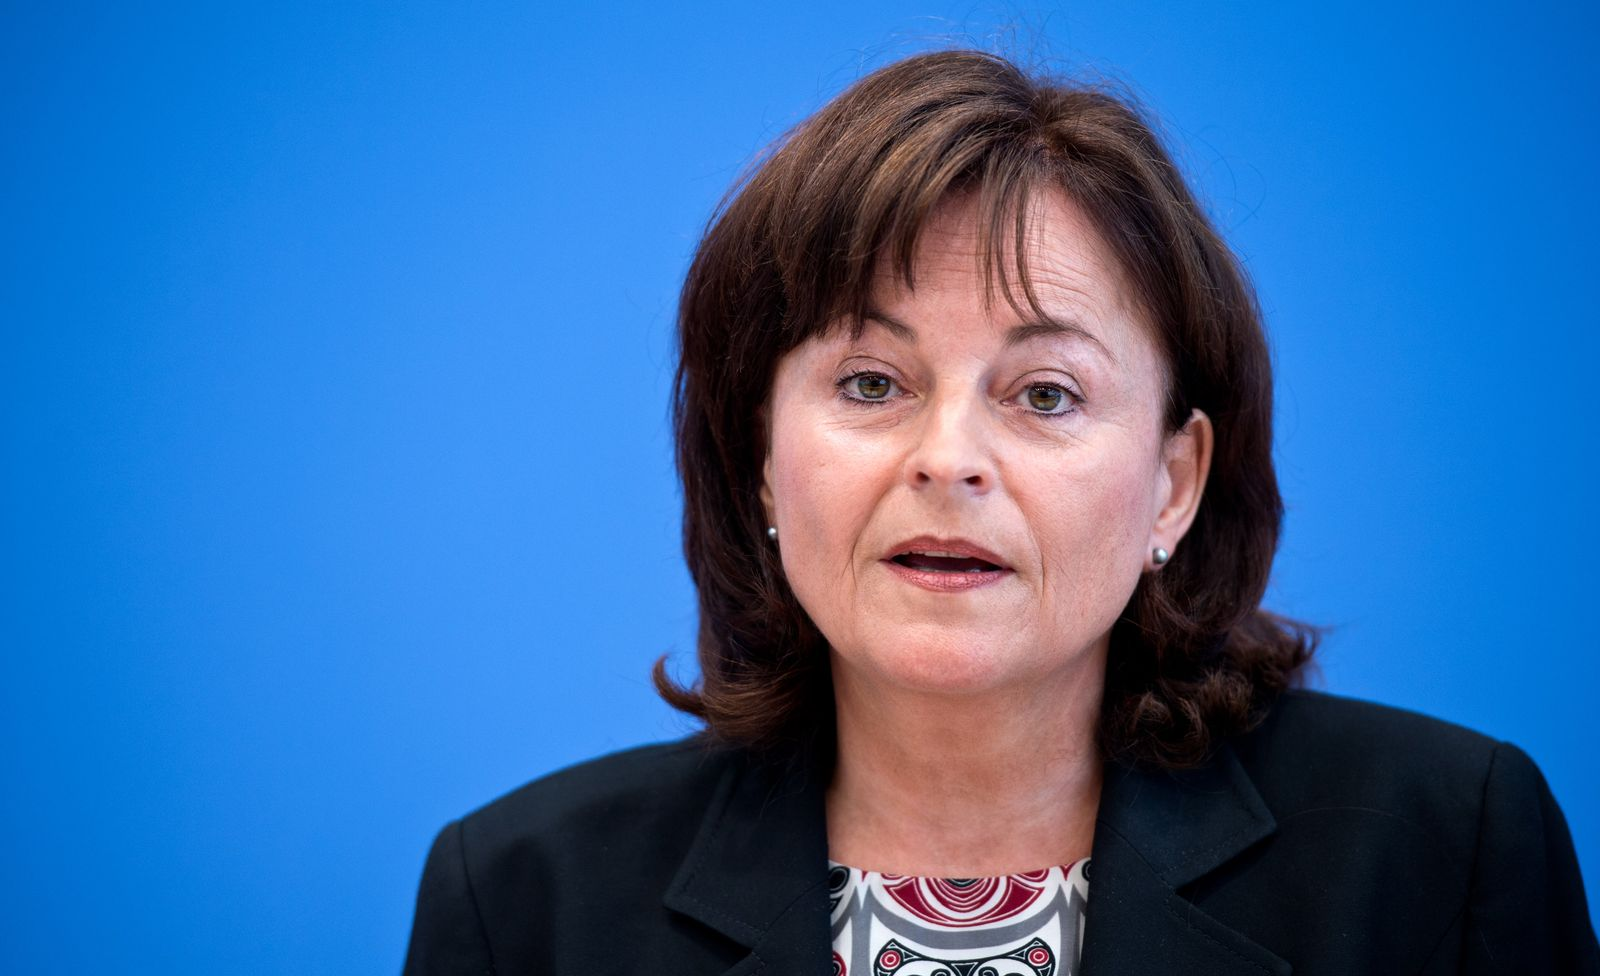 Marlene Mortler